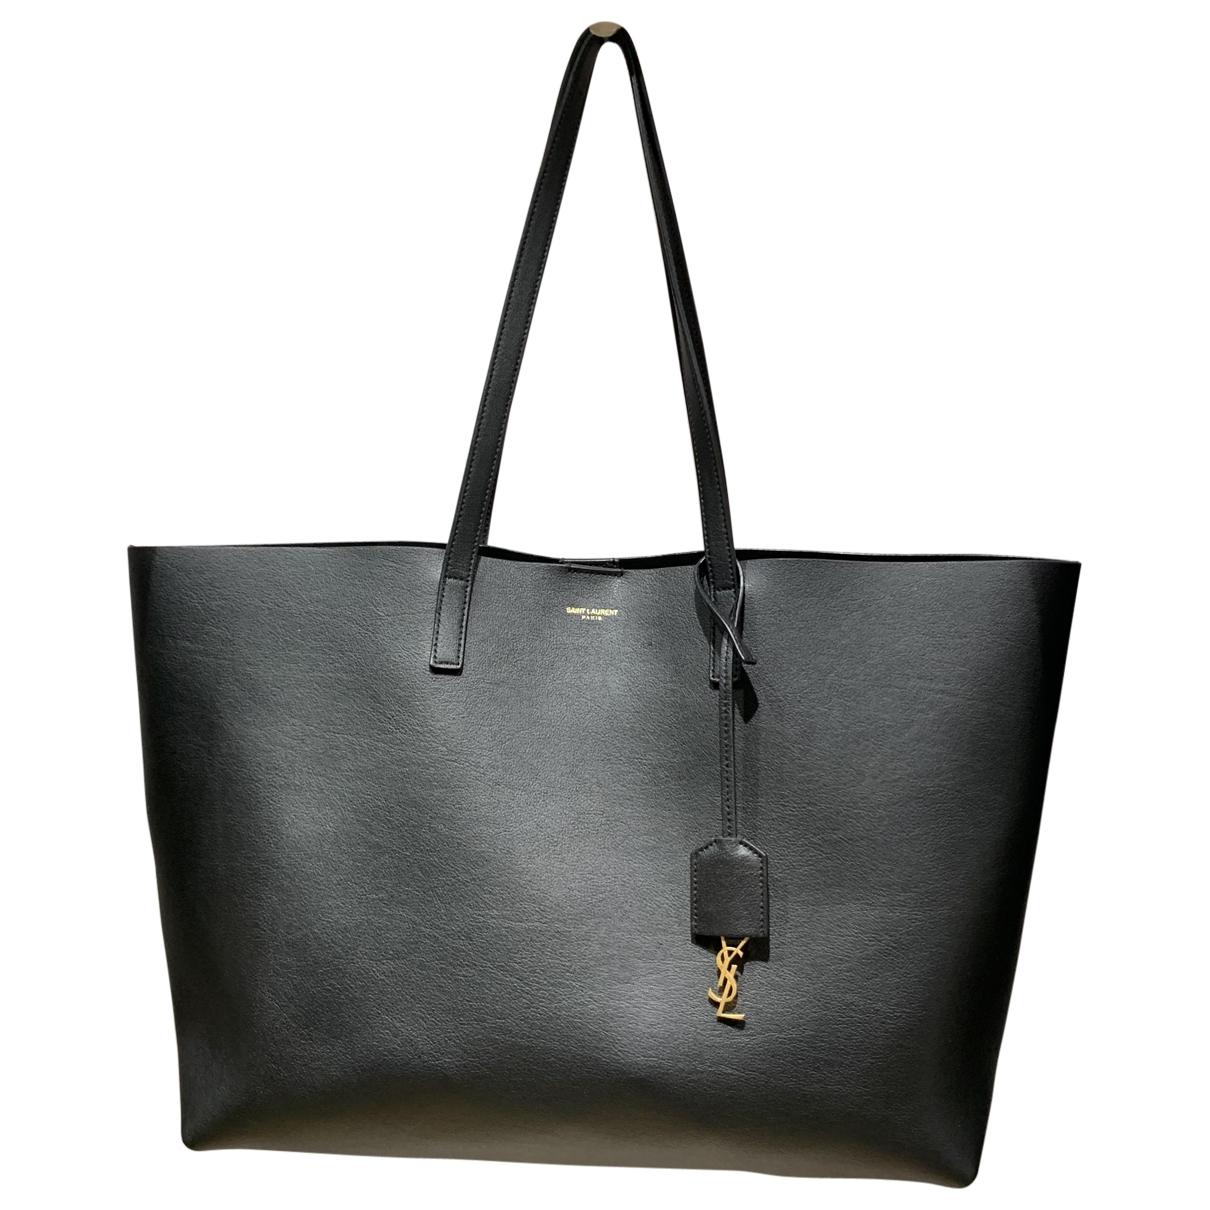 Saint Laurent Shopping Black Leather handbag for Women \N